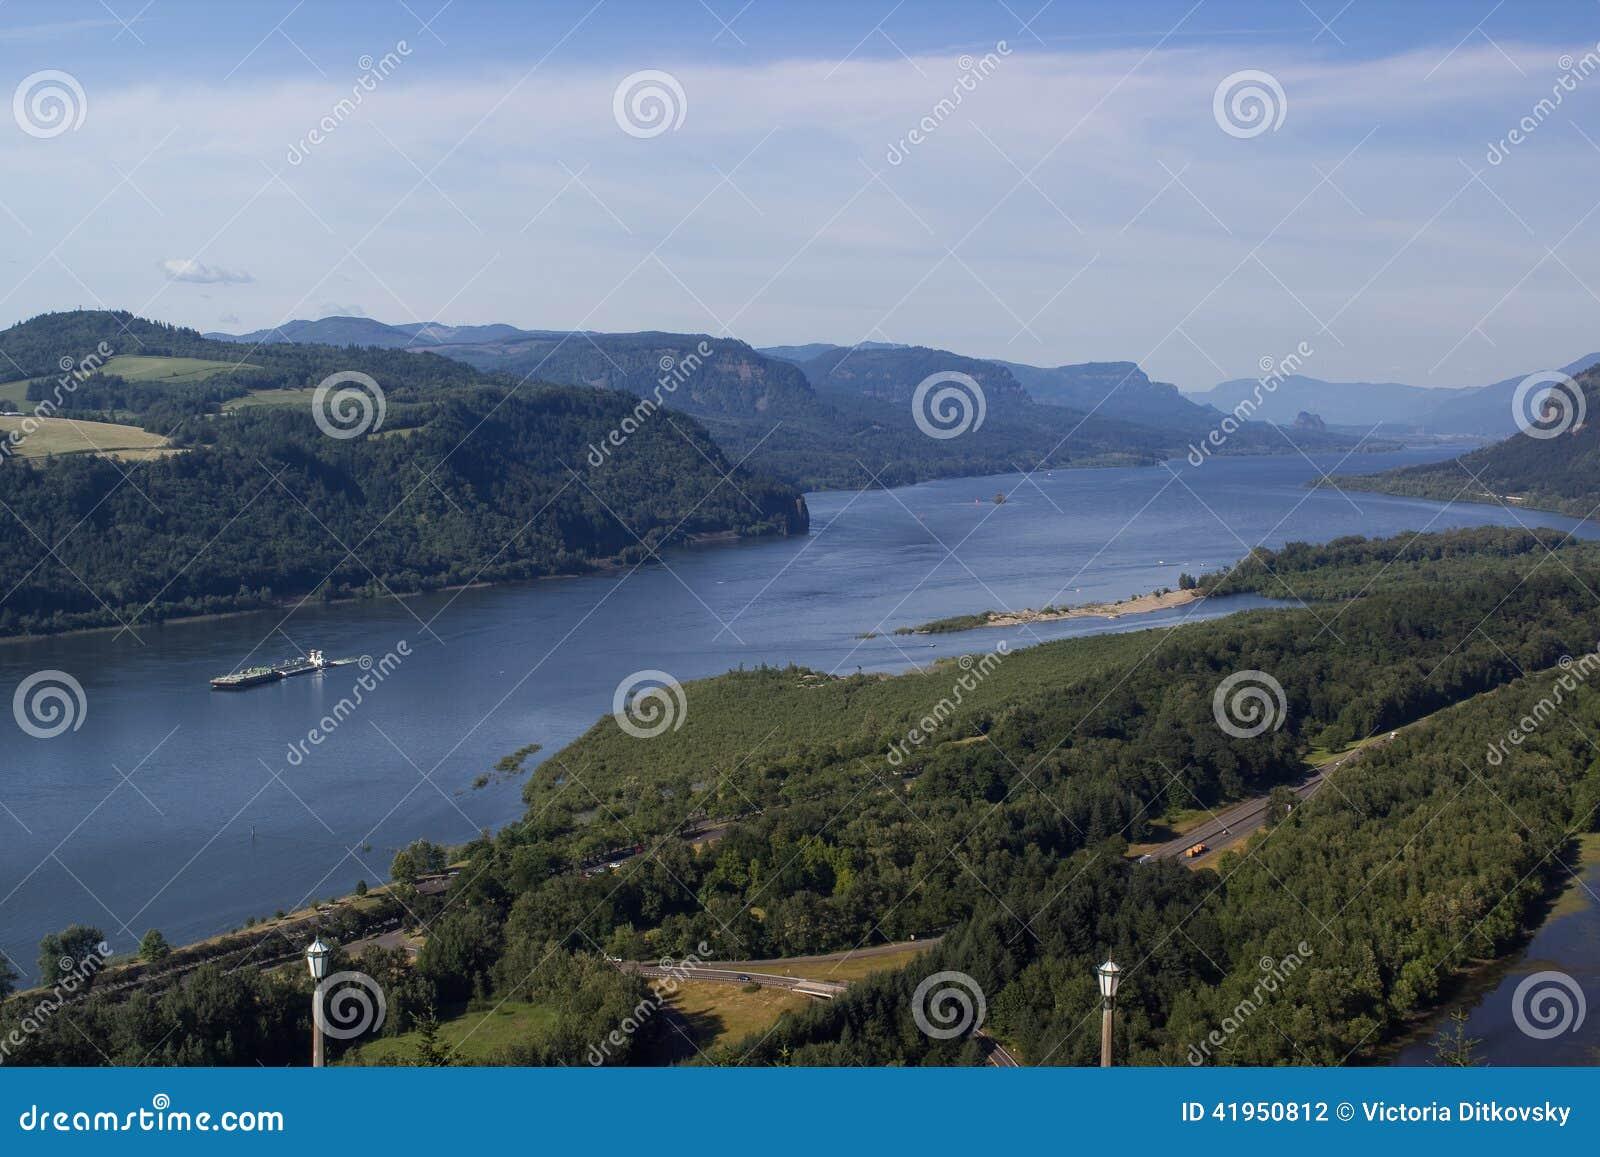 Kolumbia rzeka i naczynie